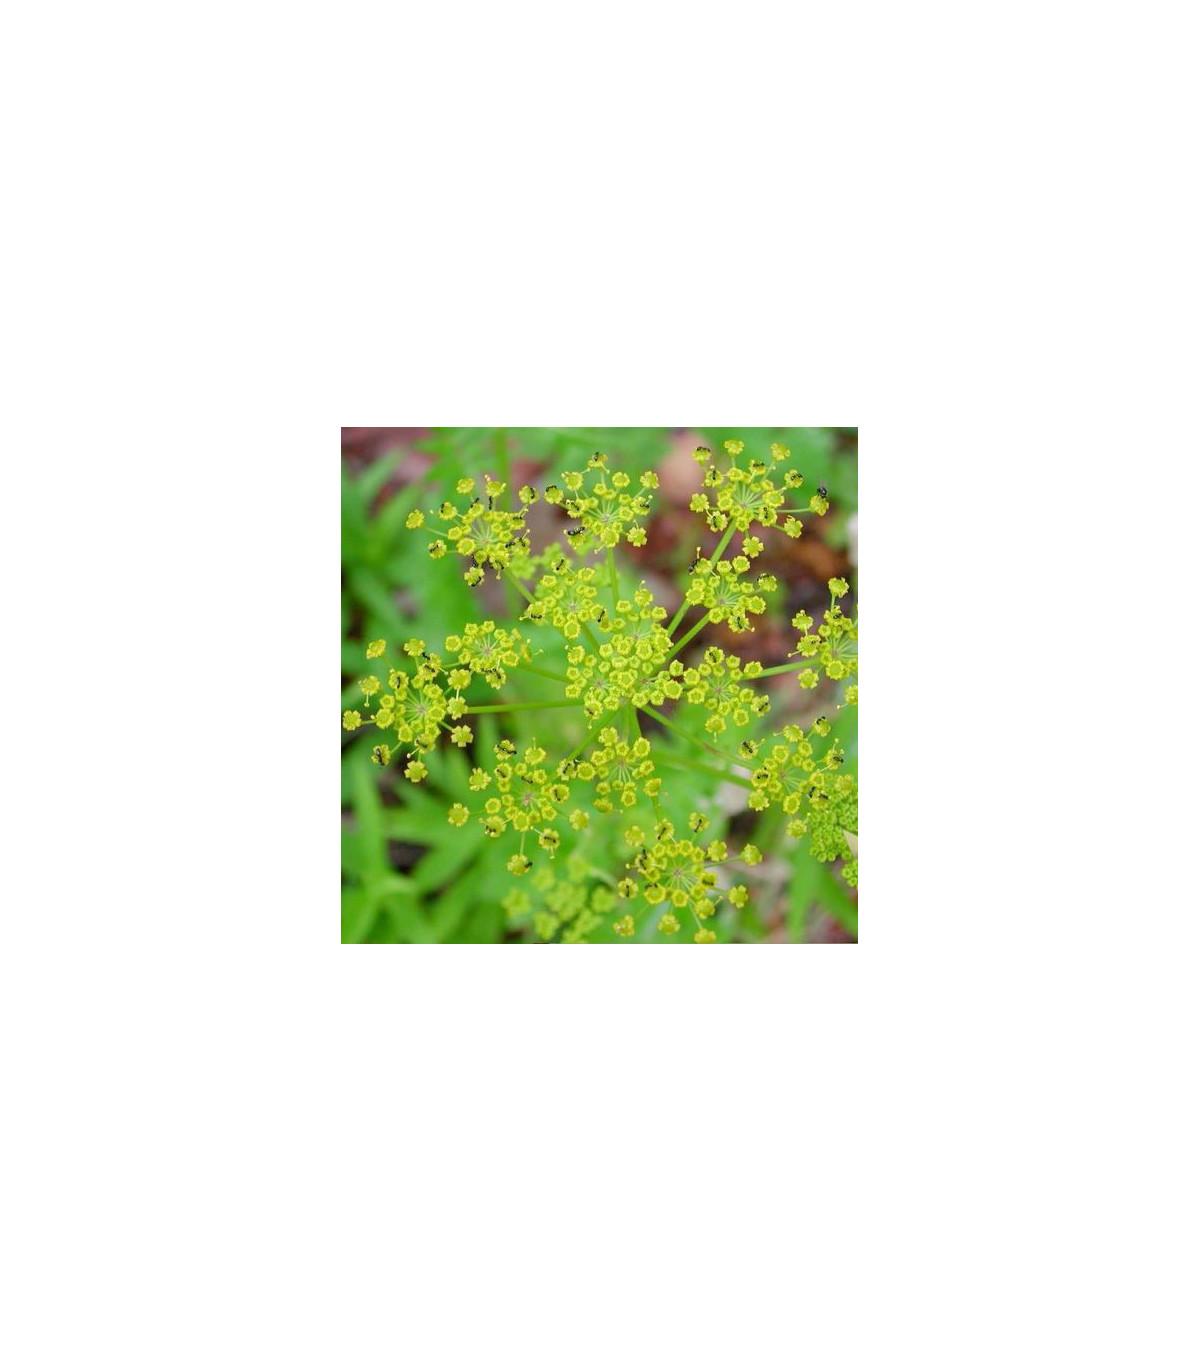 Pastiňák setý - semena Pastiňáku - Pastinaca sativa - 1 gr